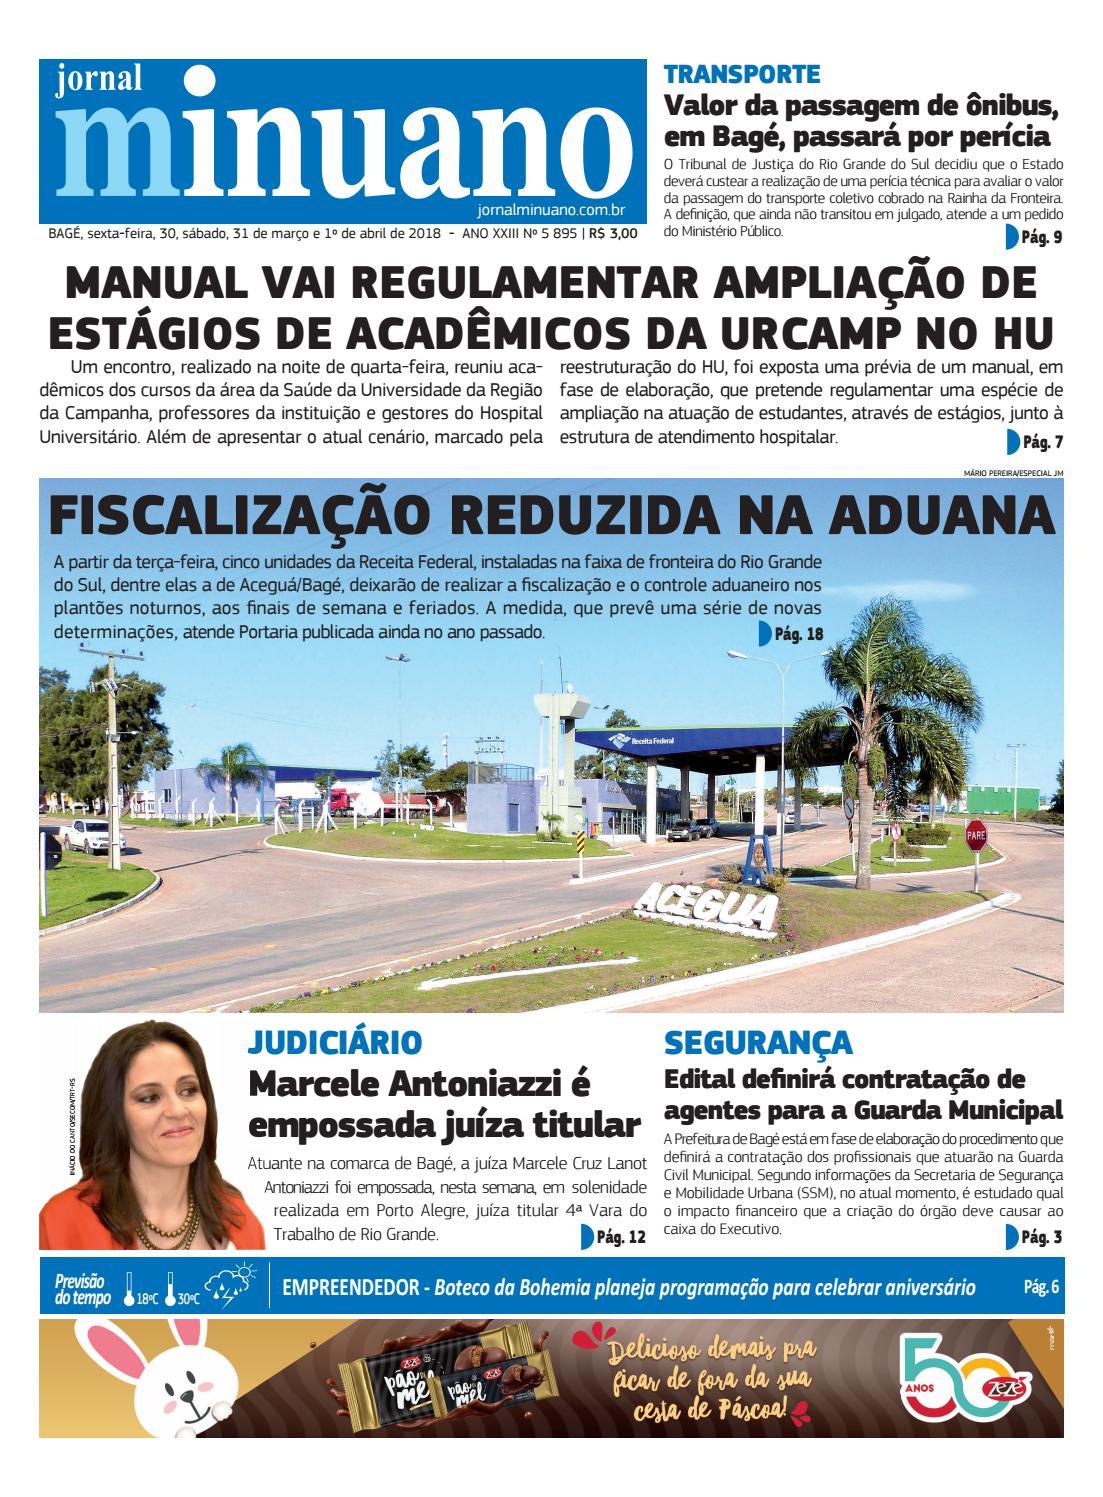 e093a321f 20180330 by Jornal Minuano - issuu